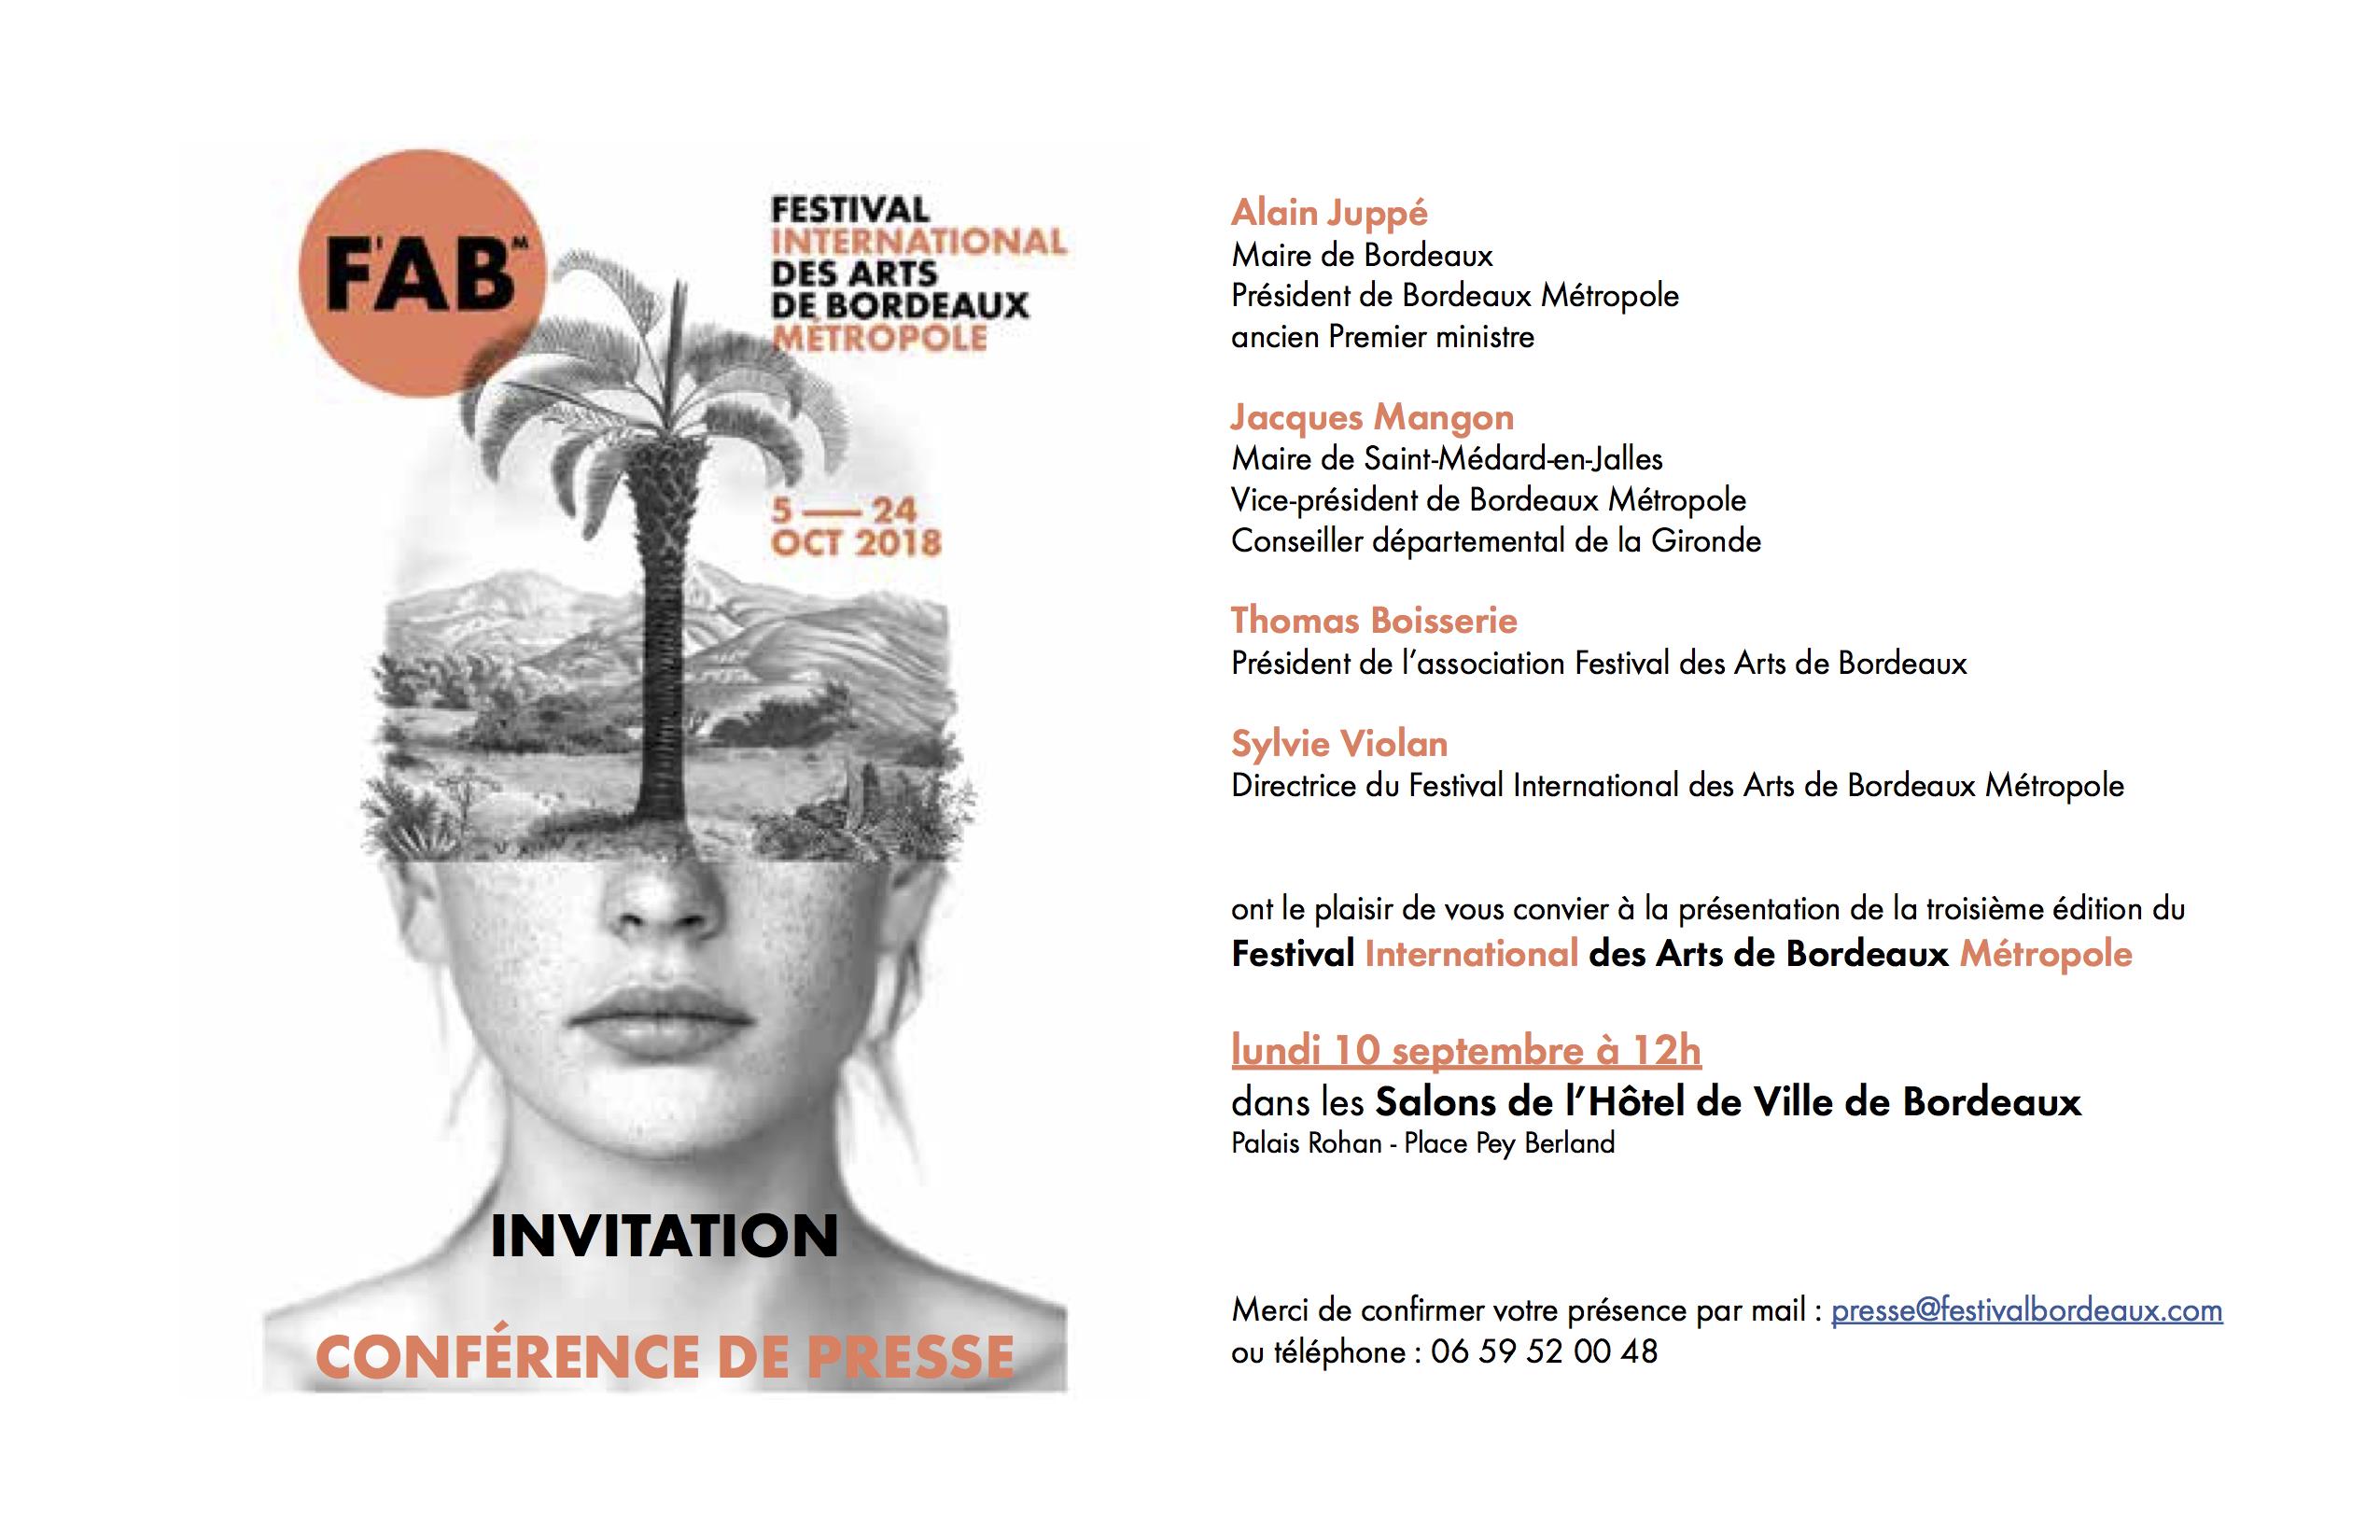 invitation-conference-de-presse-fab3